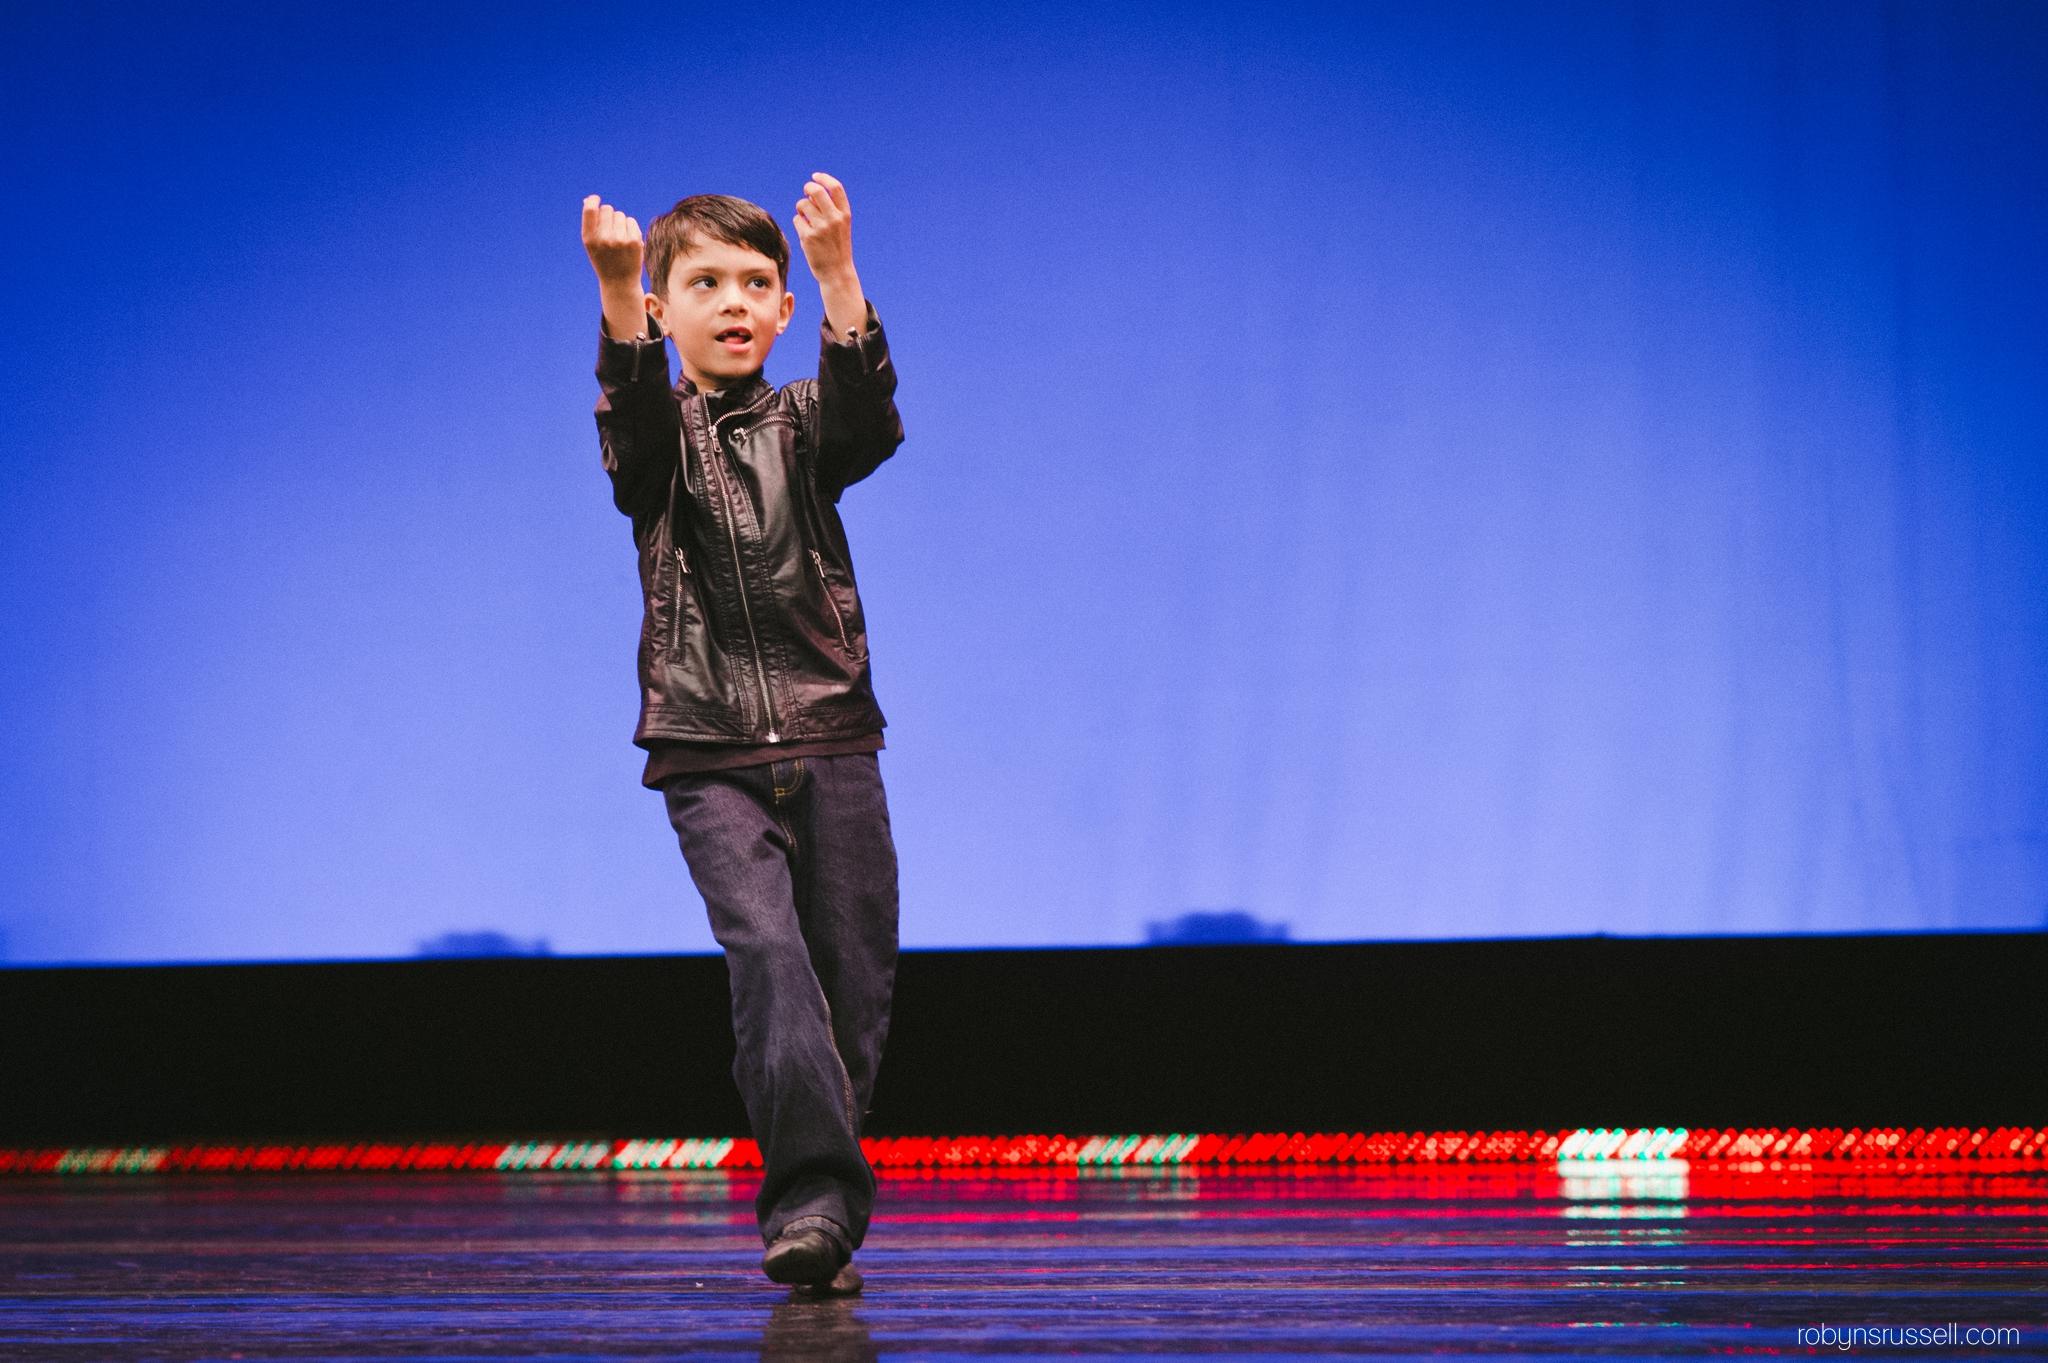 21-money-shot-boy-dancer-burlington.jpg